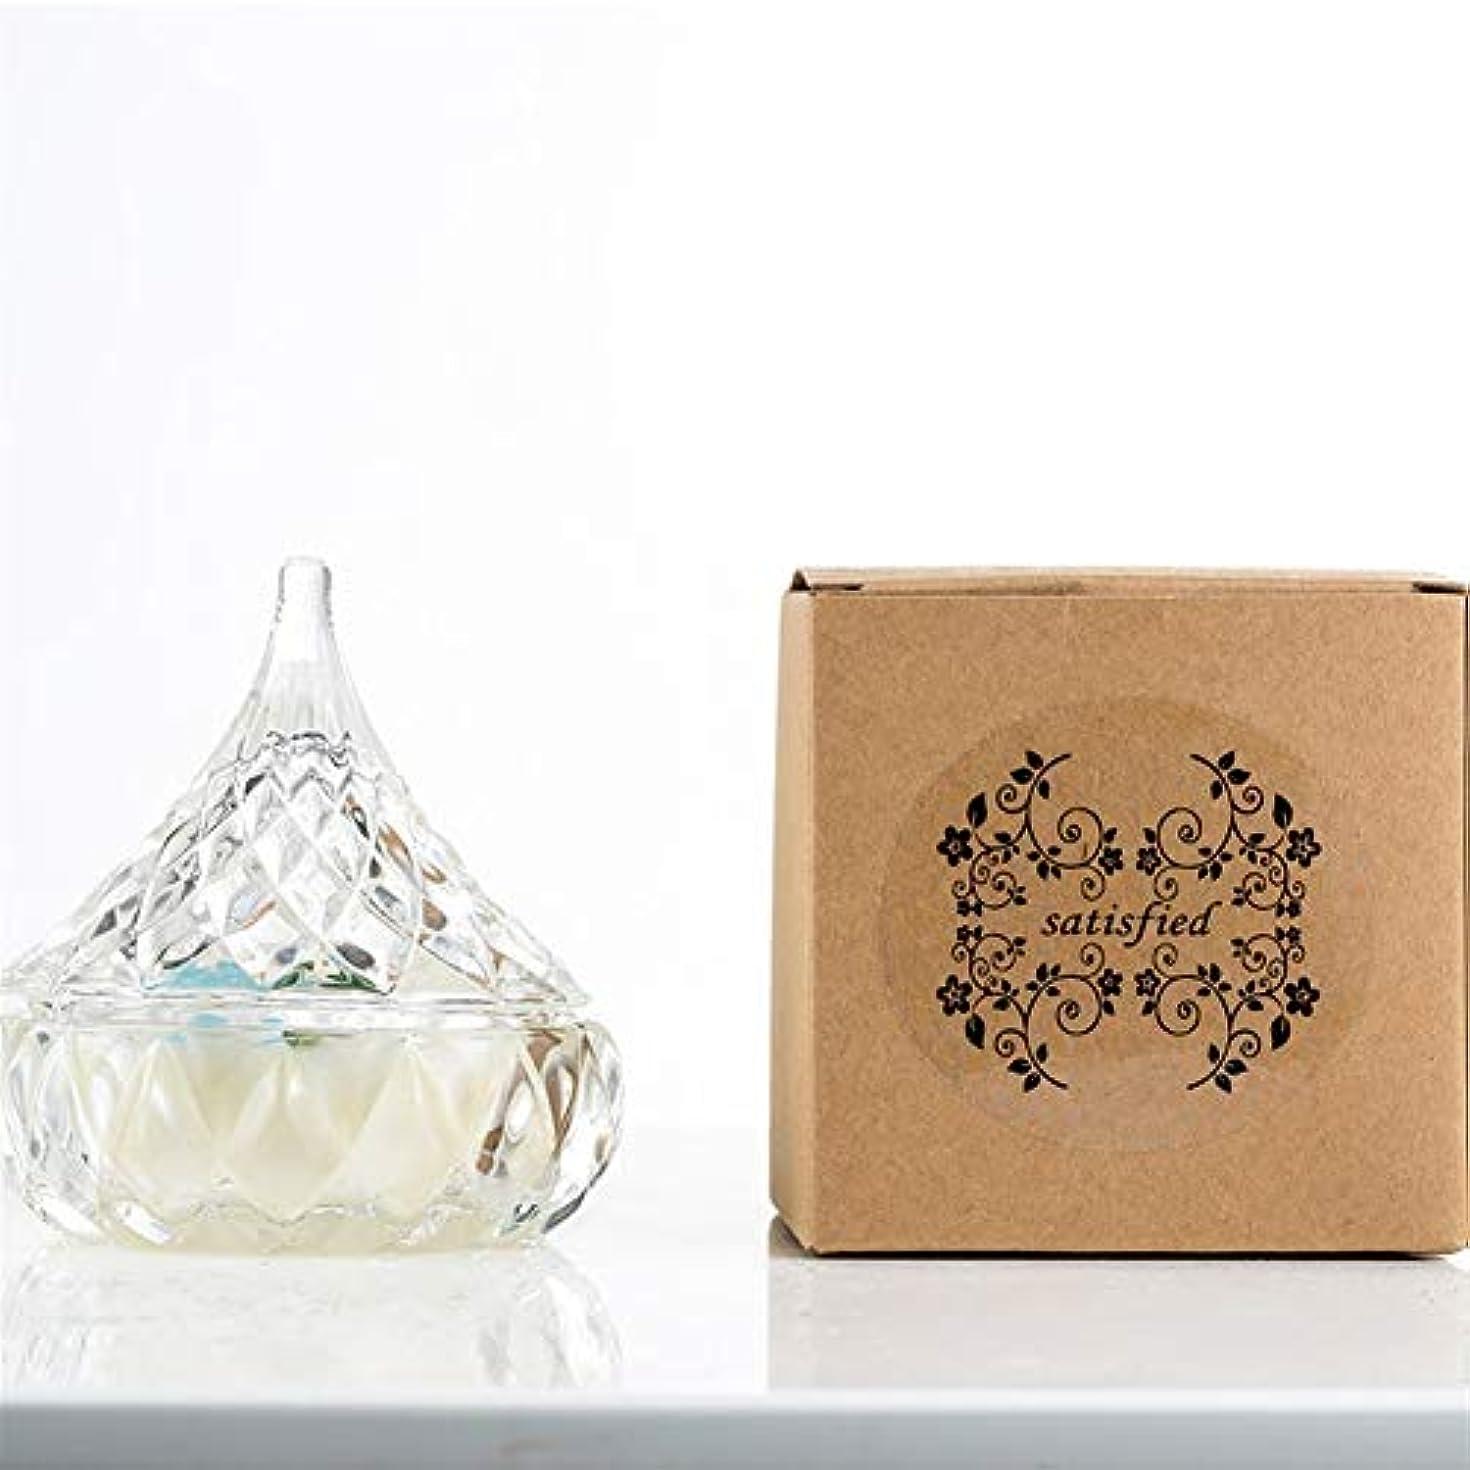 ブラジャー以前はスポークスマンGuomao シンプルパオアロマセラピーエッセンシャルオイルラスティングフレグランス環境に優しい非毒性装飾用品キャンドル (色 : Lavender)